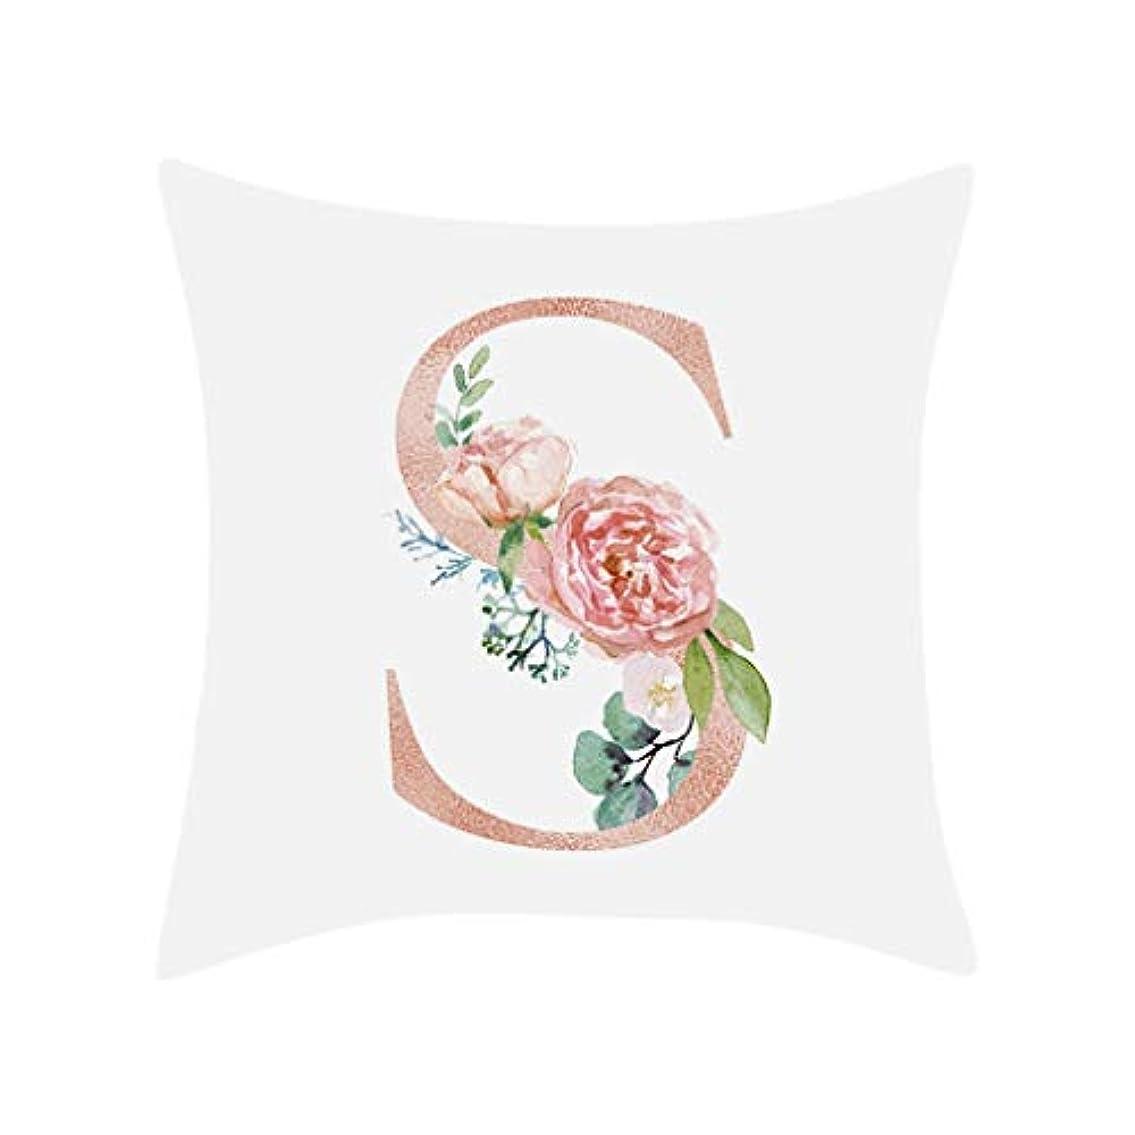 わずかな八依存するLIFE 装飾クッションソファ手紙枕アルファベットクッション印刷ソファ家の装飾の花枕 coussin decoratif クッション 椅子